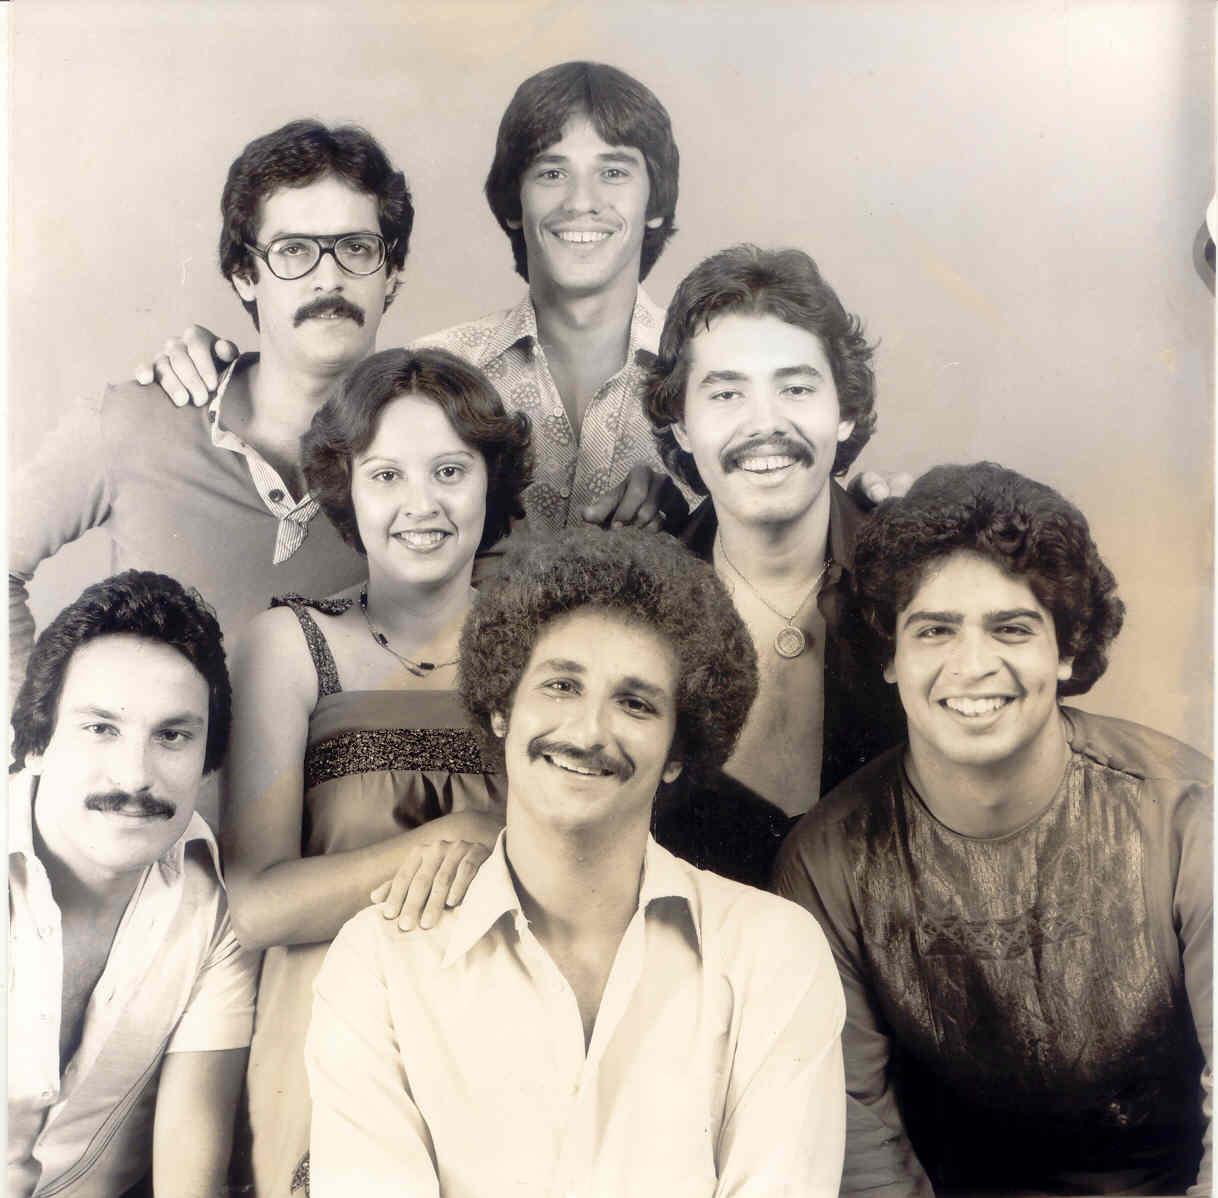 Amaury López, en sus días con el grupo Raíces. en ocasión de celebrar un concierto con Alberto Carrión y Glenn Monroig. (Foto suministrada)